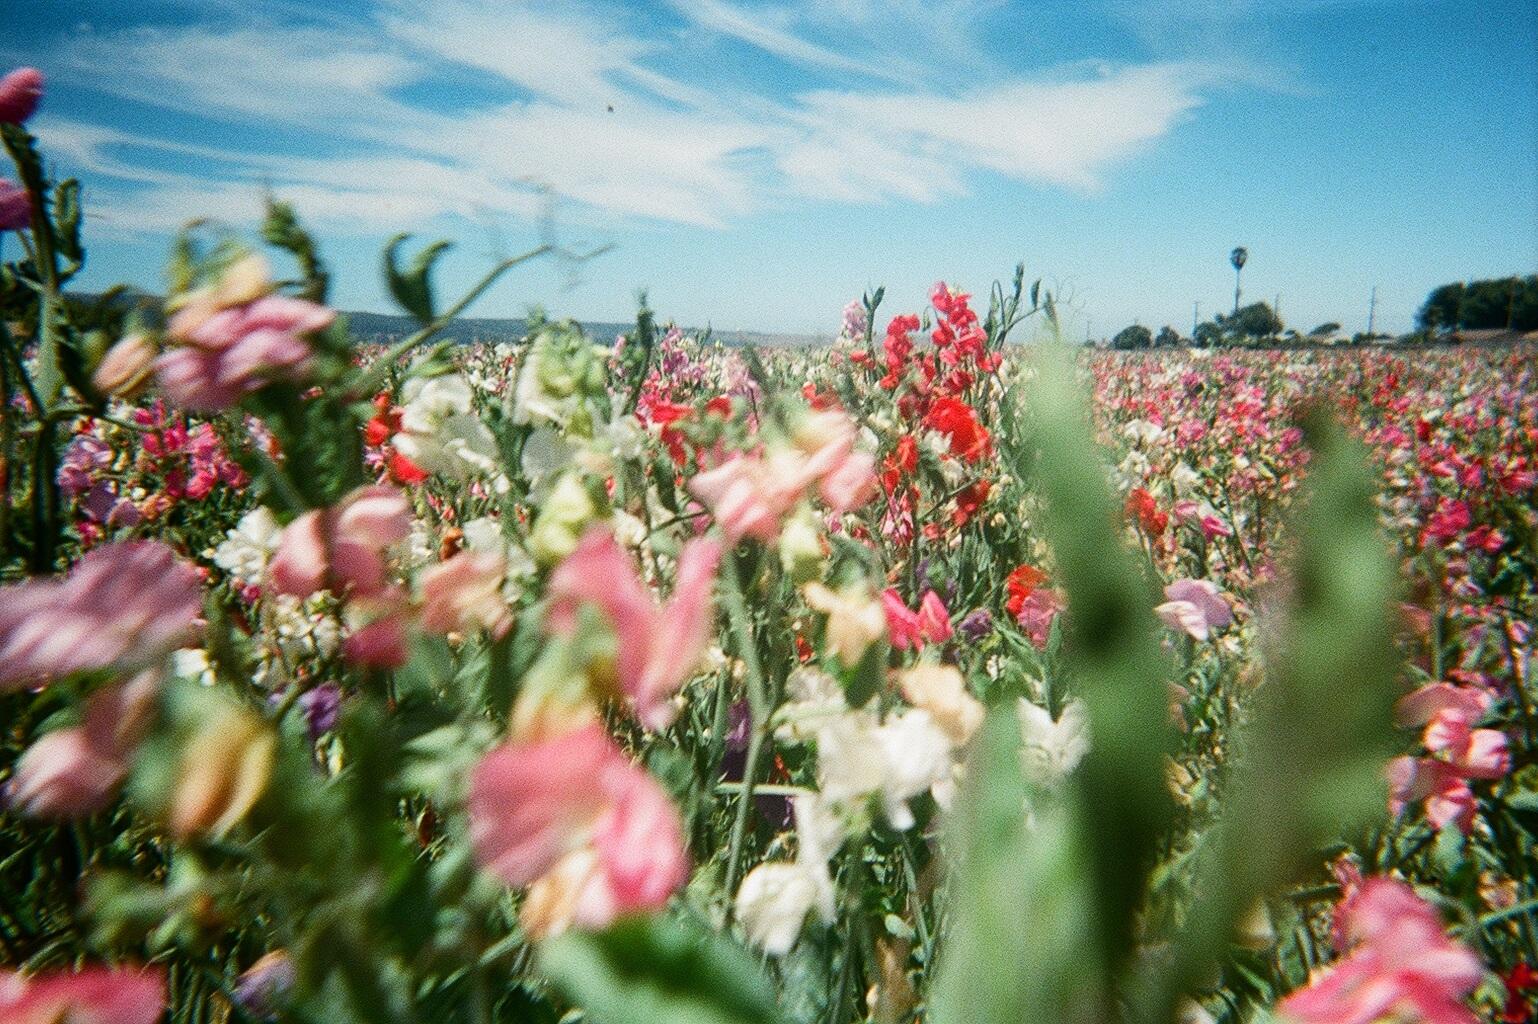 A field of sweet peas en route